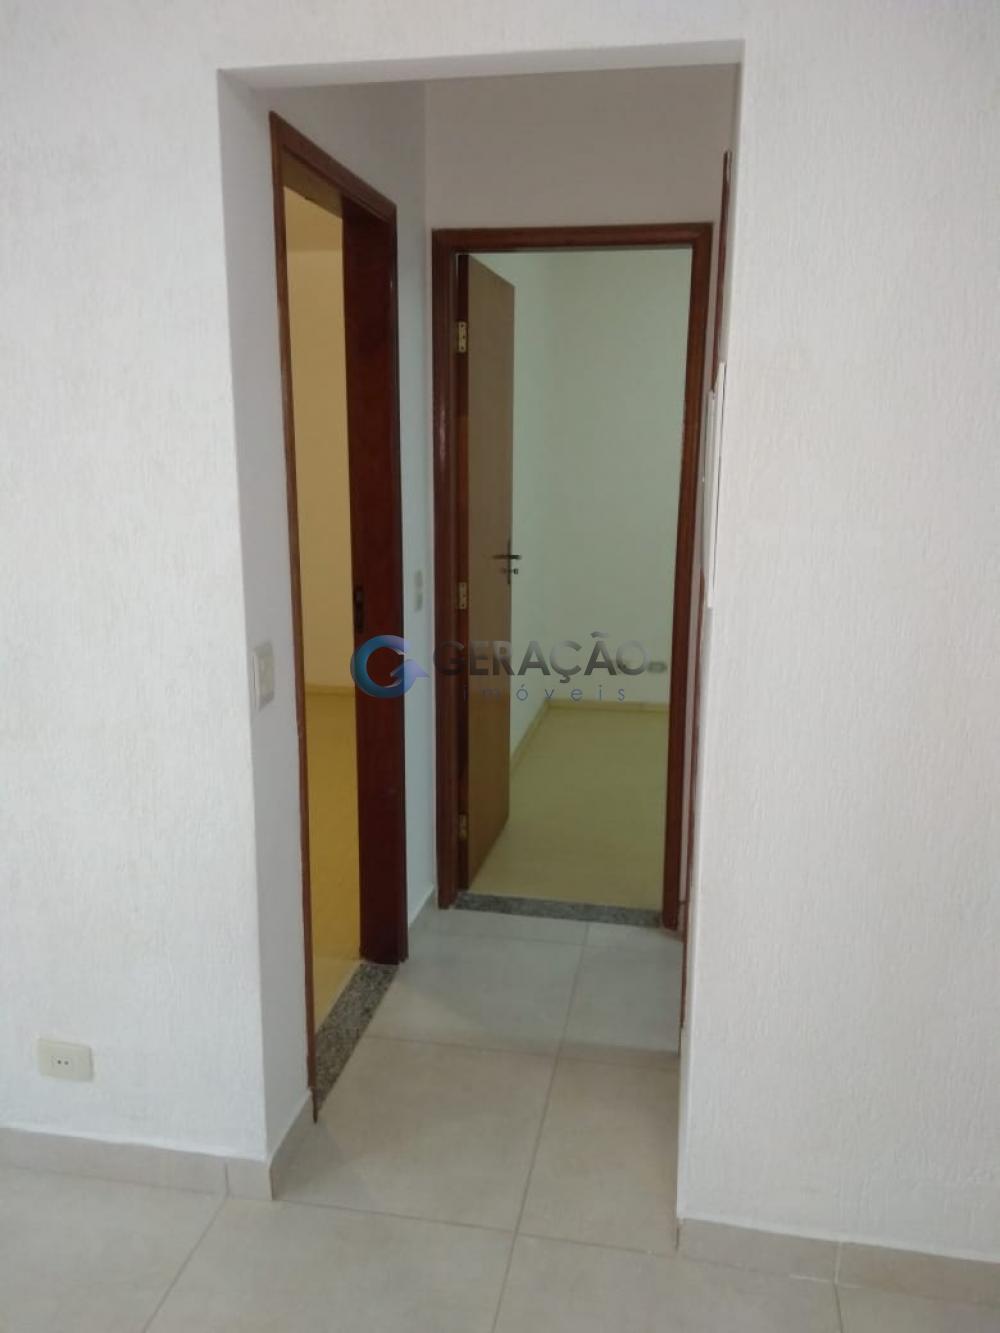 Comprar Apartamento / Padrão em São José dos Campos R$ 265.000,00 - Foto 7